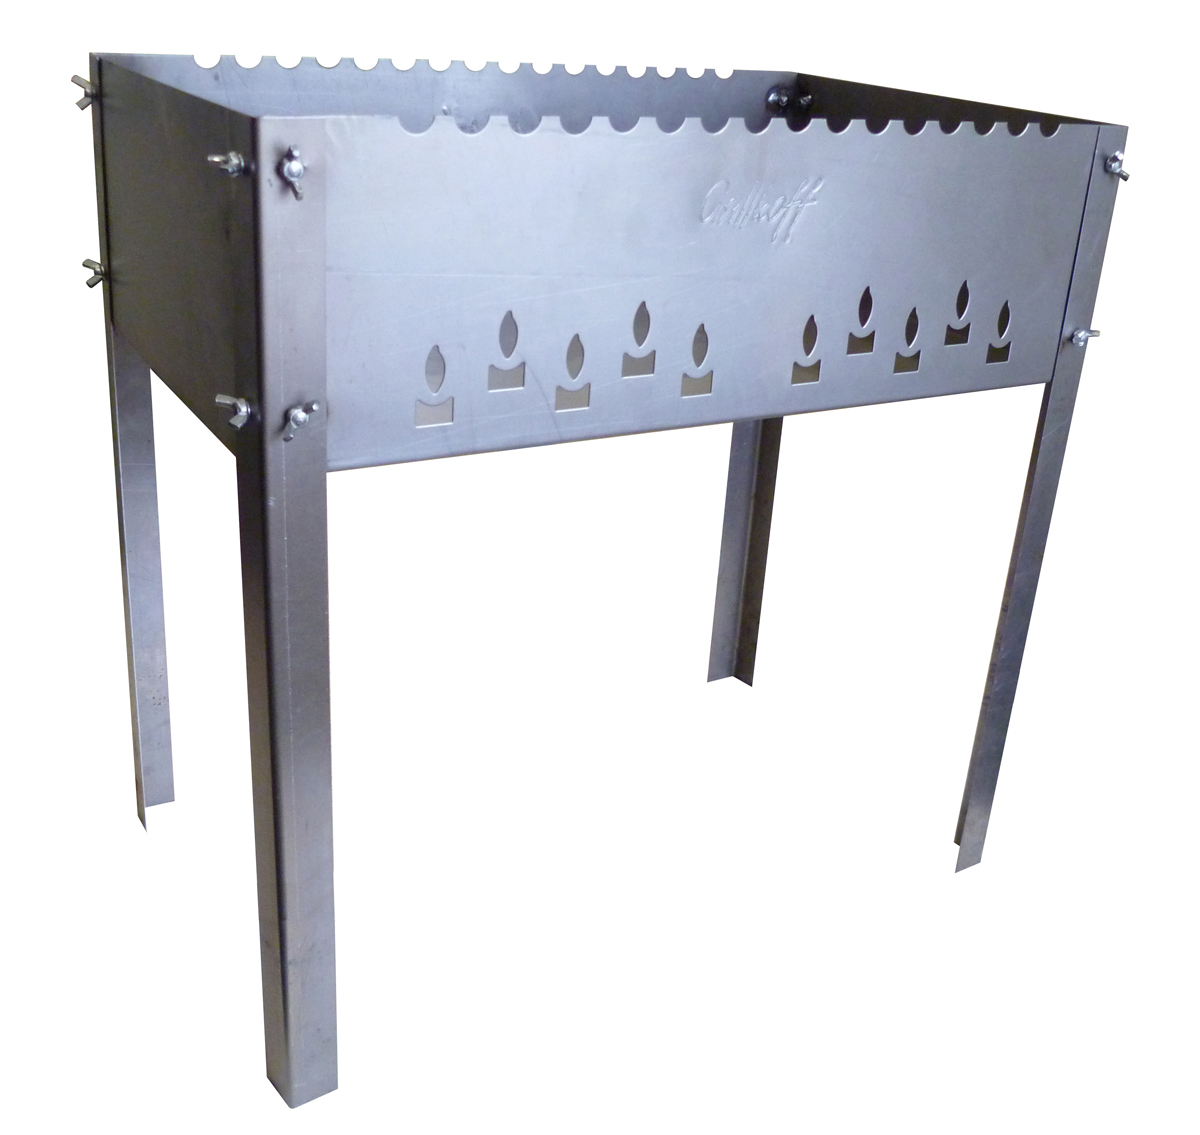 Мангал Grillkoff Max, с 6 шампурами, в сумке, 50 х 30 х 50 см115510Мангал Grillkoff Max выполнен из высококачественной стали. С барашками, с волной. Мангал без усилий собирается для применения. Конструкция позволяет с комфортом готовить на мангале.В комплекте 6 шампуров, выполненных из нержавеющей стали.Размер мангала (с учетом ножек): 50 х 30 х 50 см.Глубина мангала: 14,5 см.Толщина стали: 1,5 мм.Длина шампуров: 50 см.Толщина шампуров: 0,8 мм.